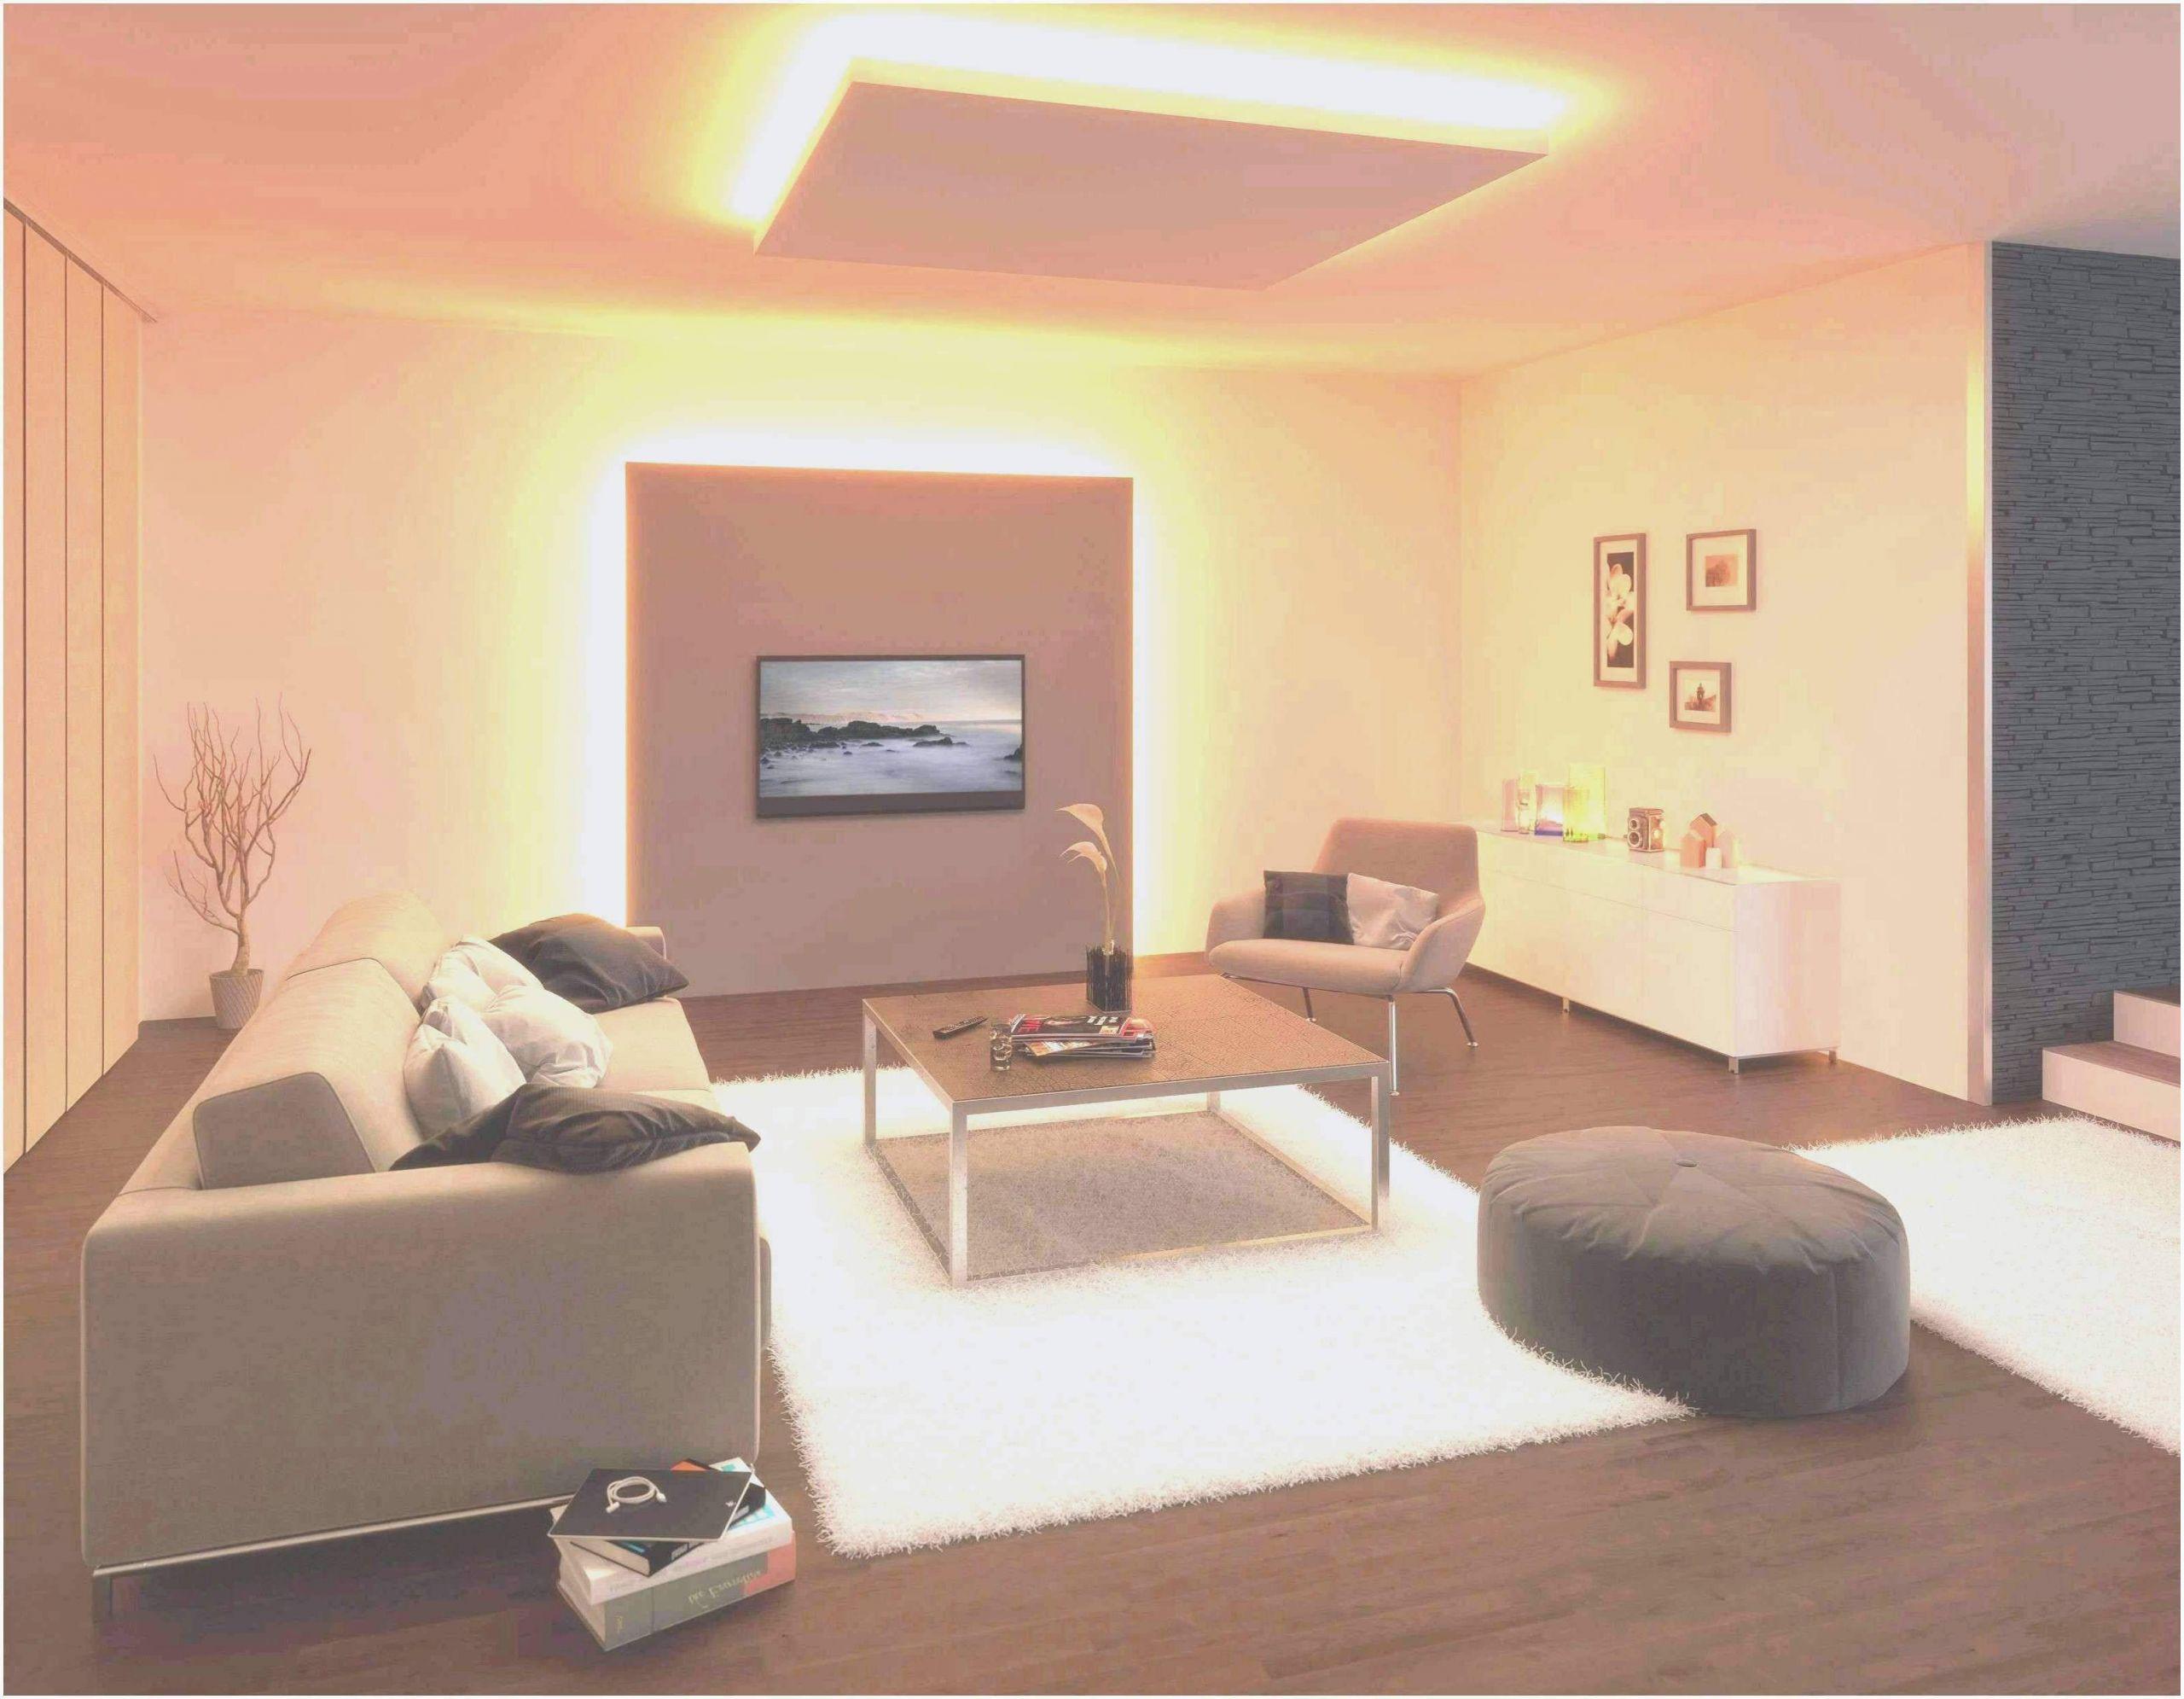 Full Size of Lampen Wohnzimmer 38 Luxus Ikea Reizend Frisch Gardine Küche Stehleuchte Schrankwand Tischlampe Fototapete Deckenlampen Für Stehlampe Heizkörper Wohnzimmer Lampen Wohnzimmer